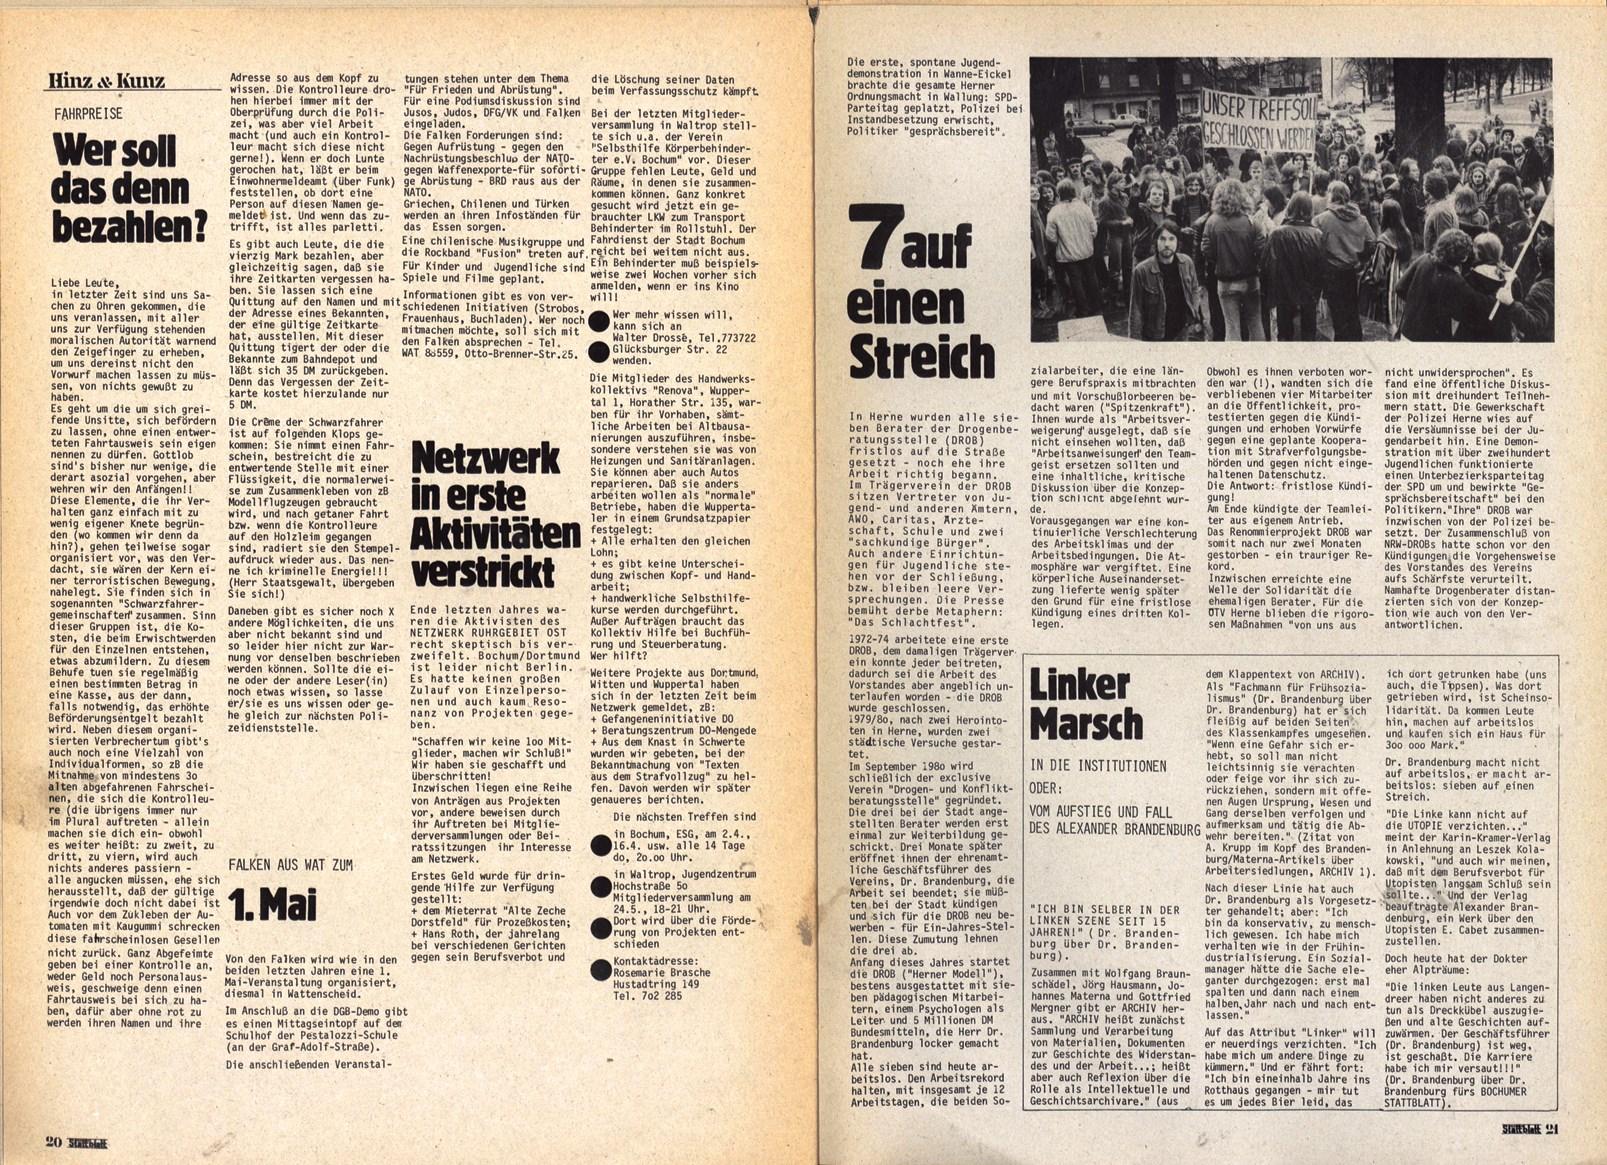 Bochum_Stattblatt_19810400_47_11